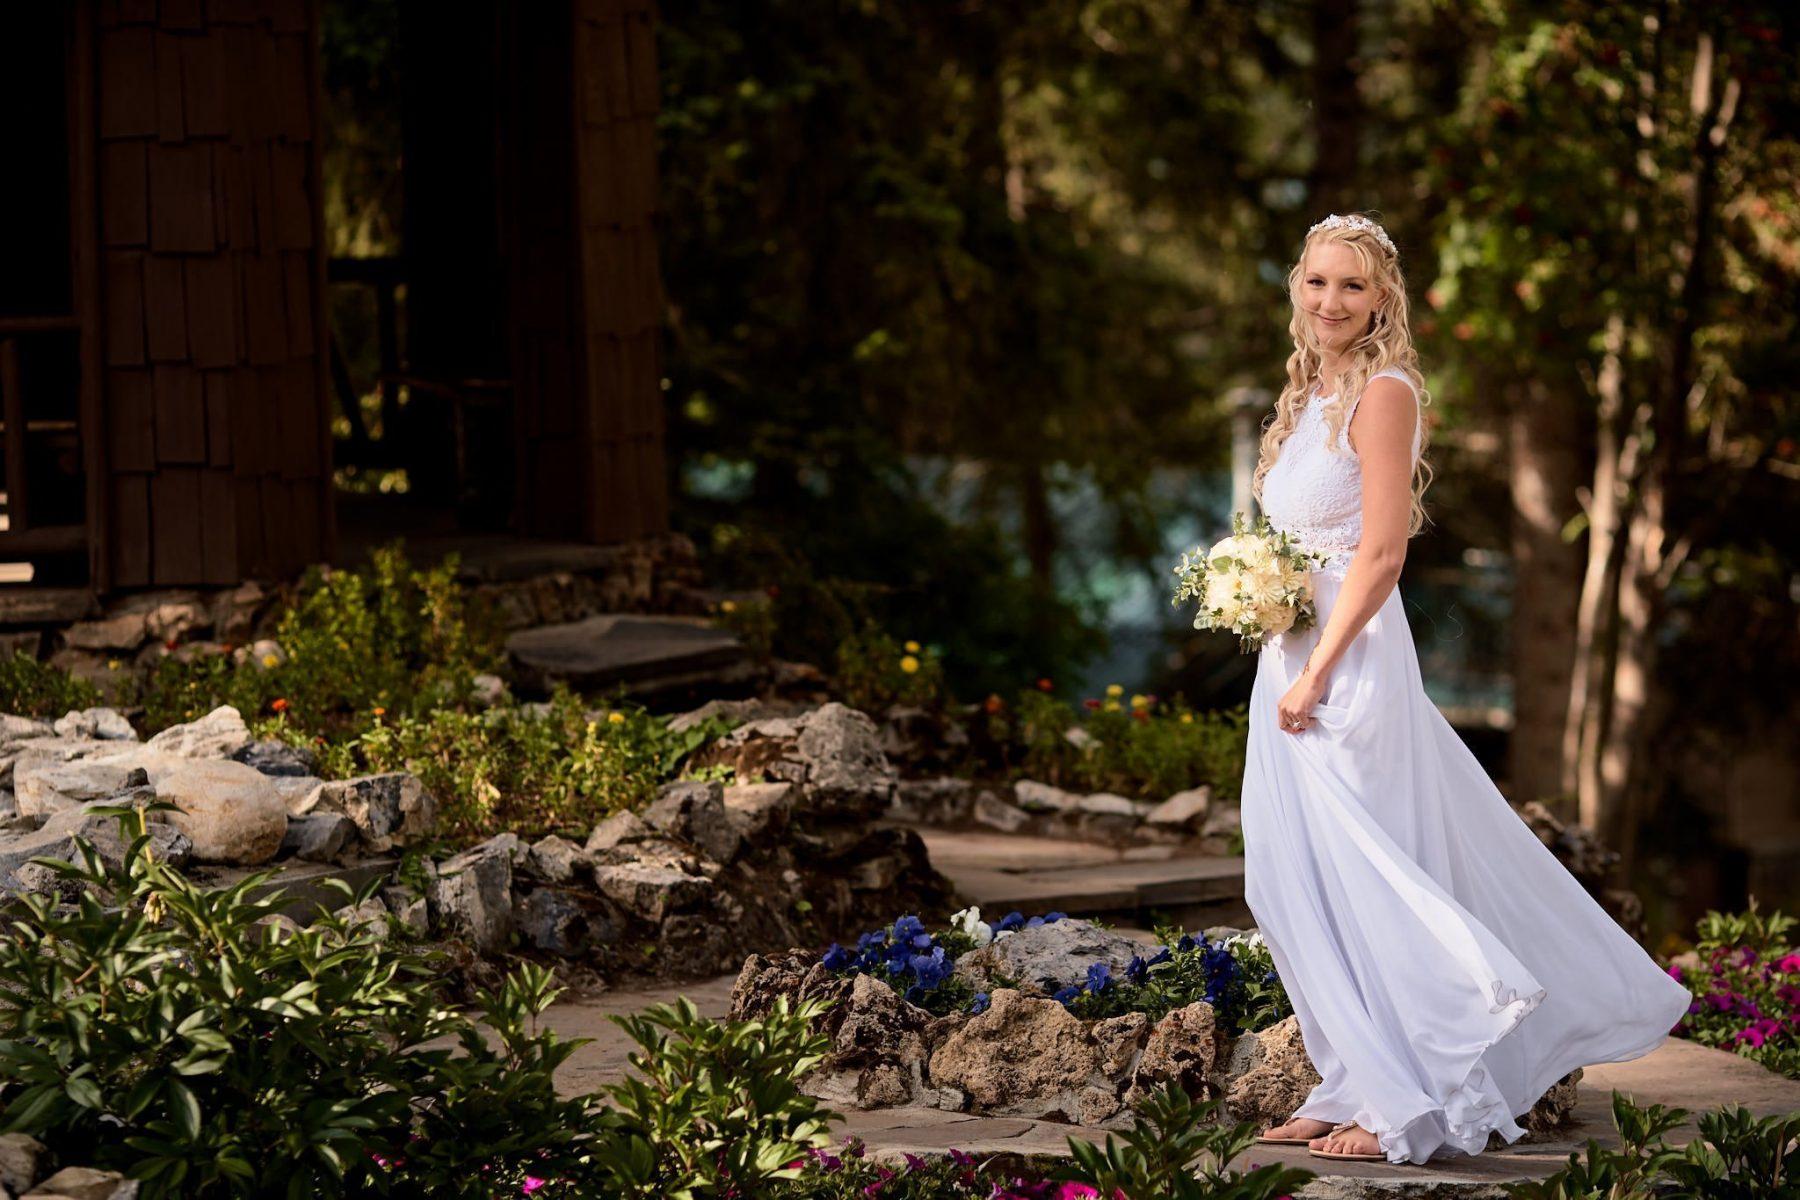 Wedding Photography fairytale